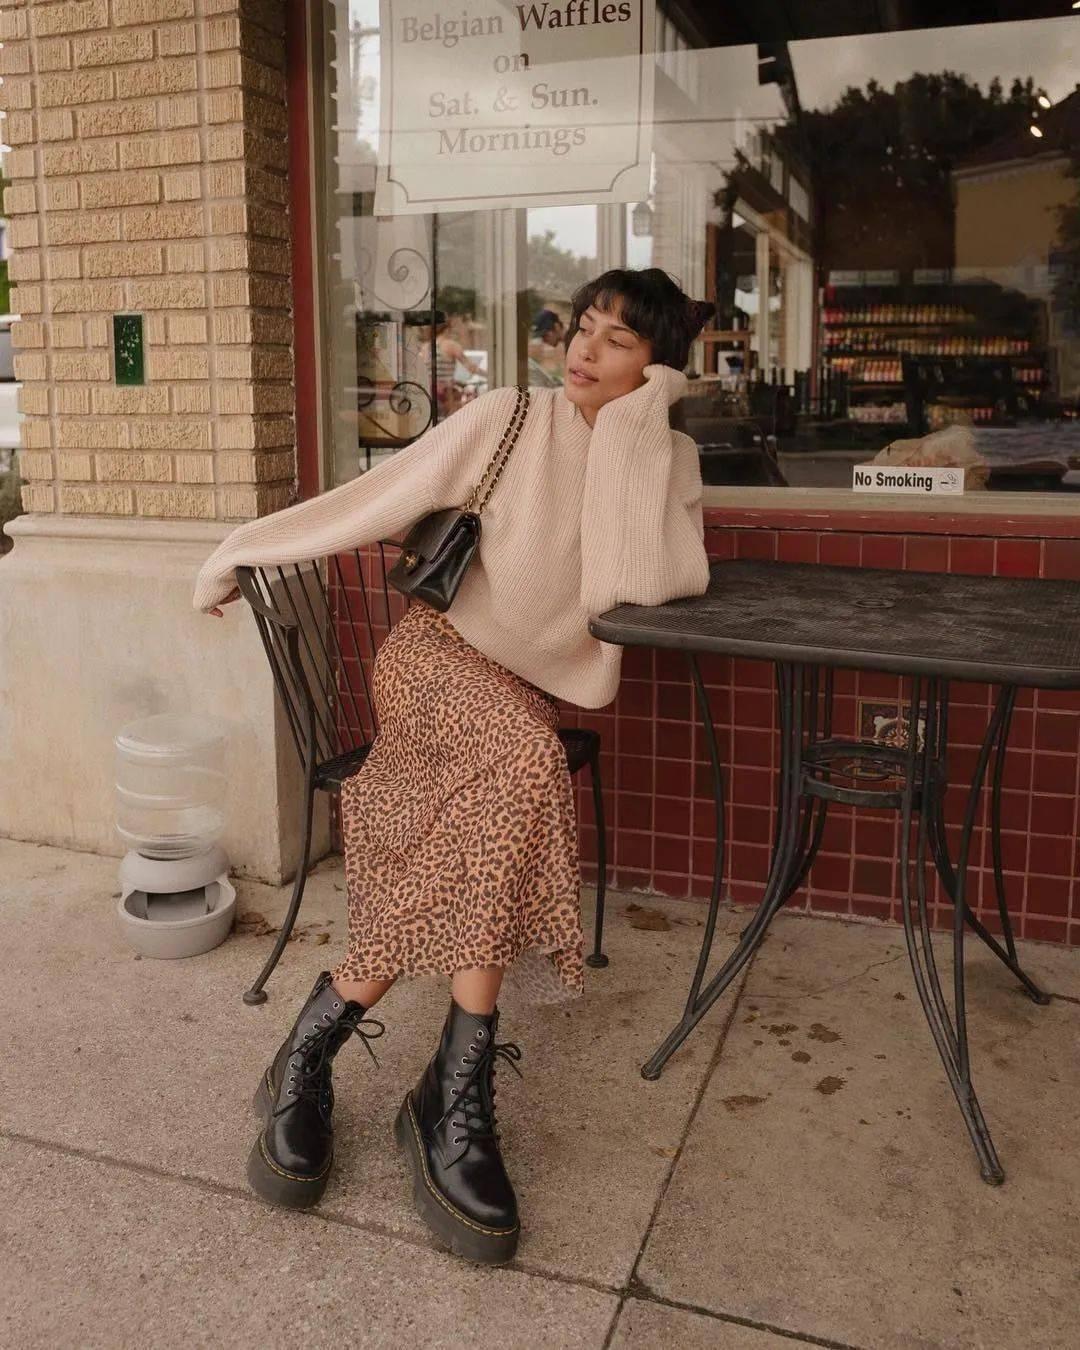 马丁靴+裙子,马丁靴+工装裤……又酷又撩,时髦炸了!     第63张